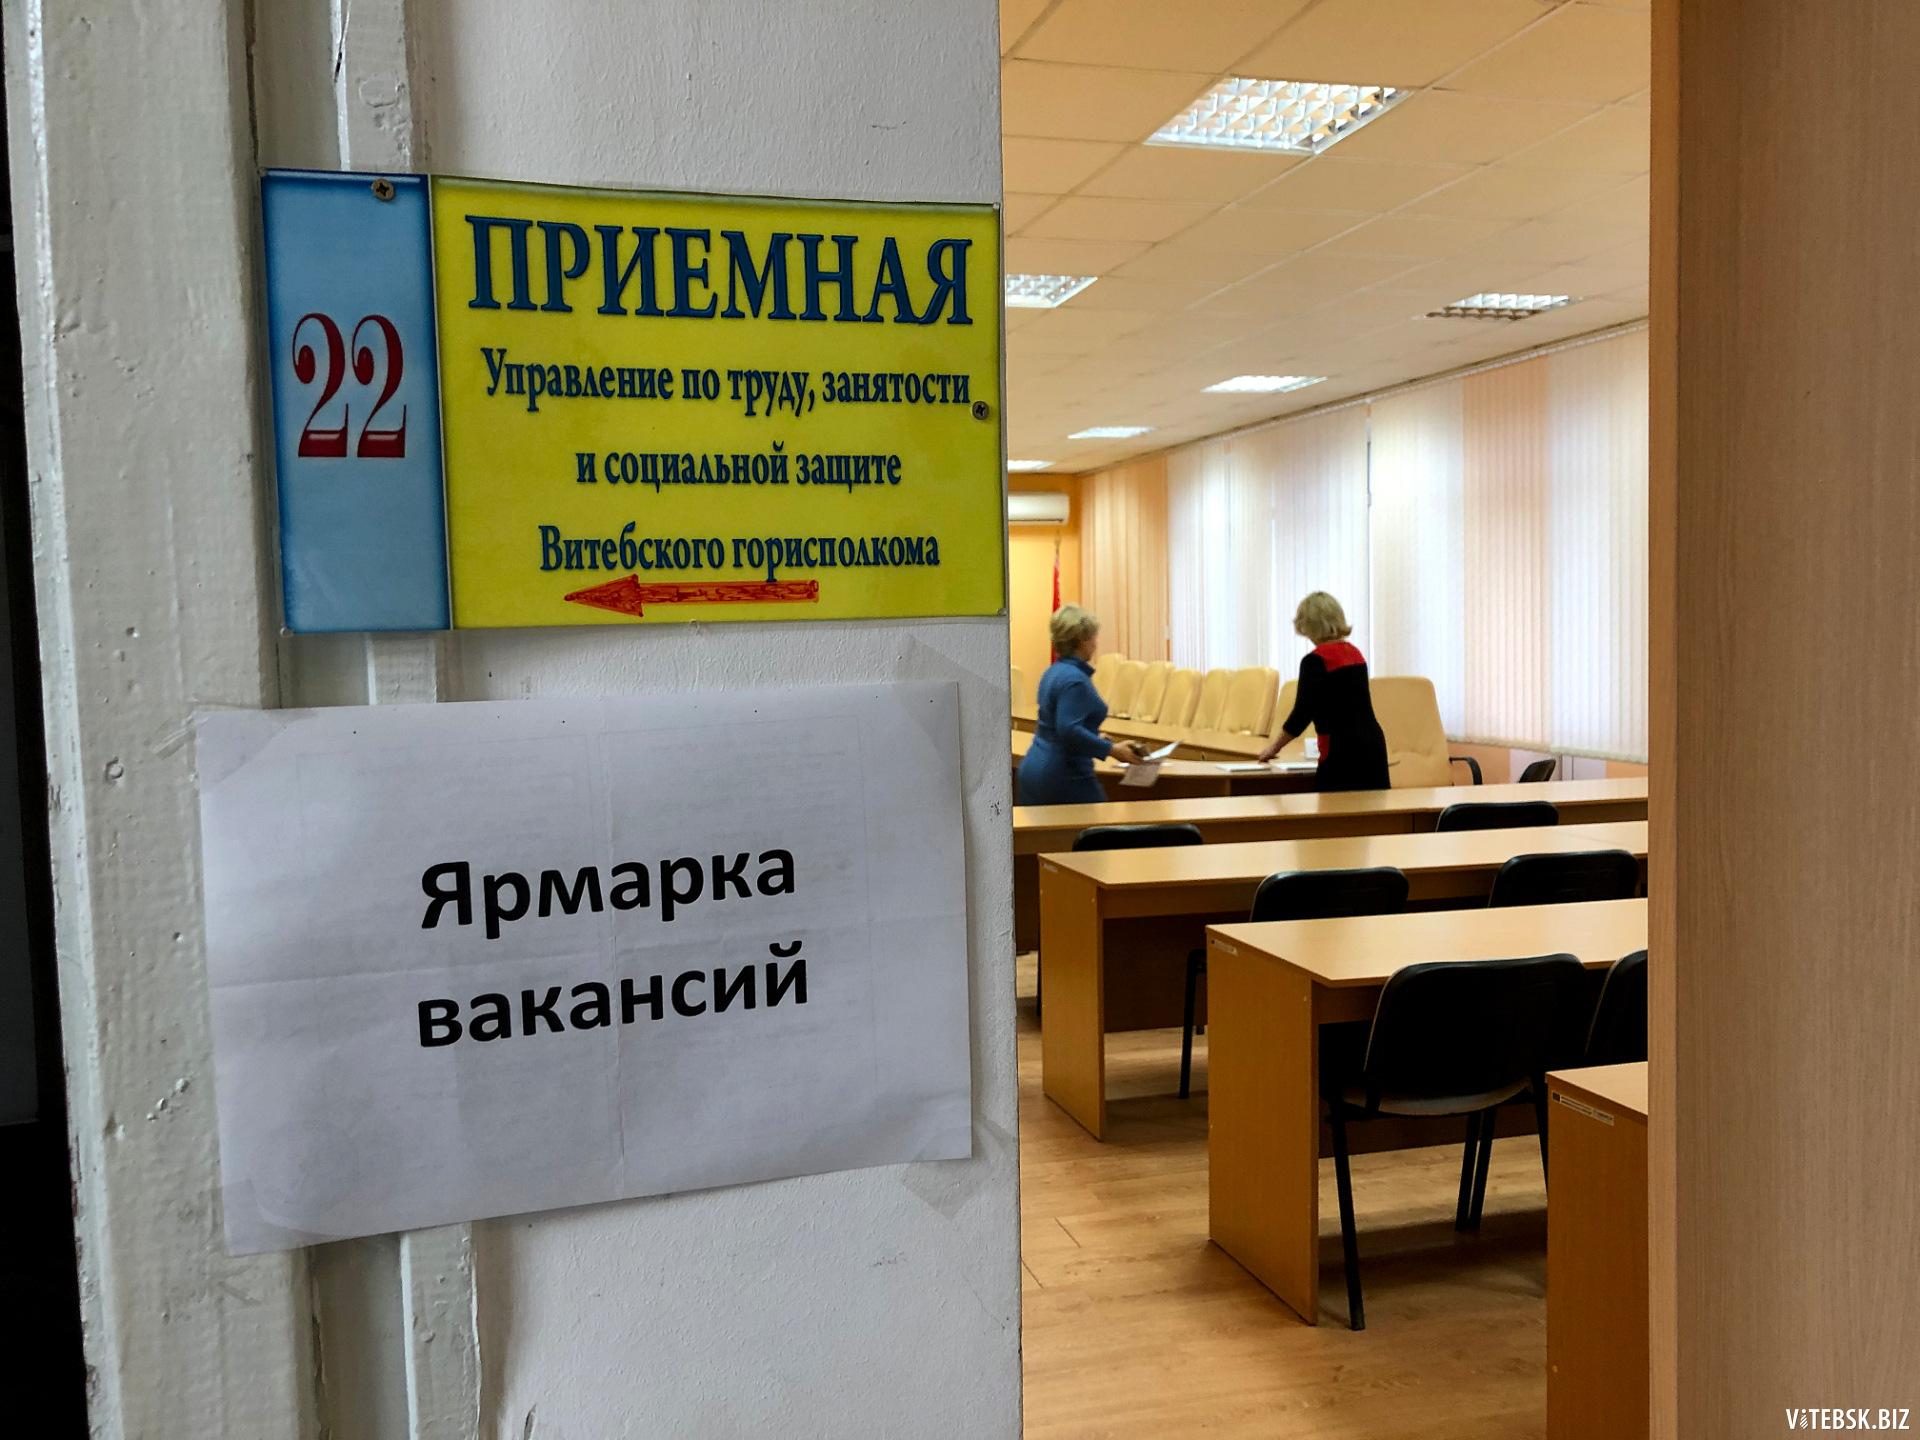 Работа в витебске вакансии сегодня для девушки работа мужчина девушка модель в москве